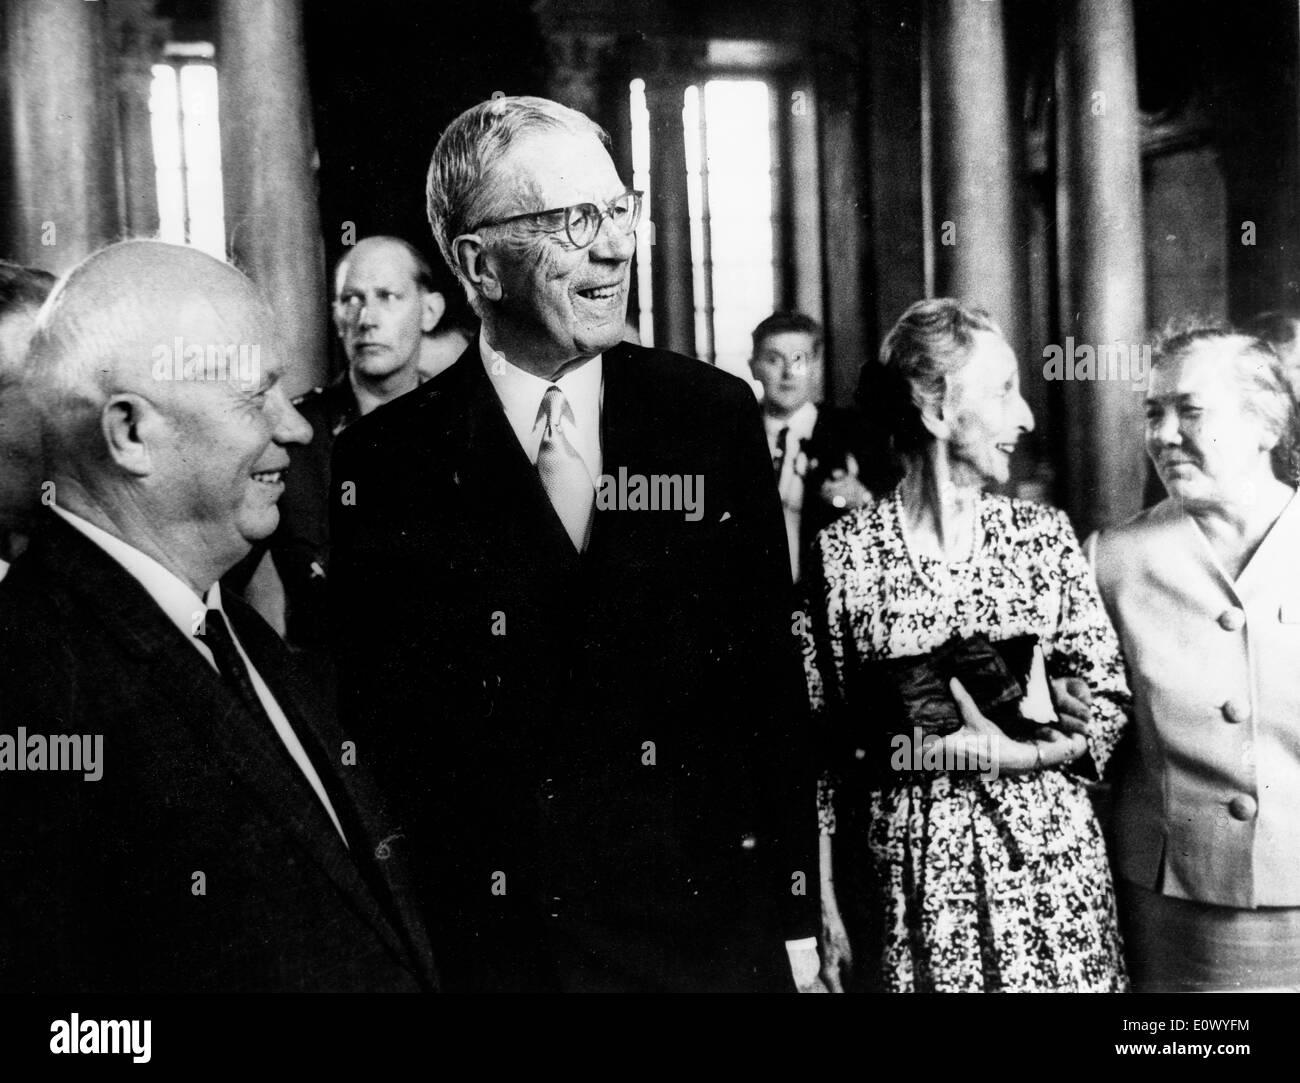 Nikita Khrushchev meets King Gustaf Adolf at the Royal Palace - Stock Image